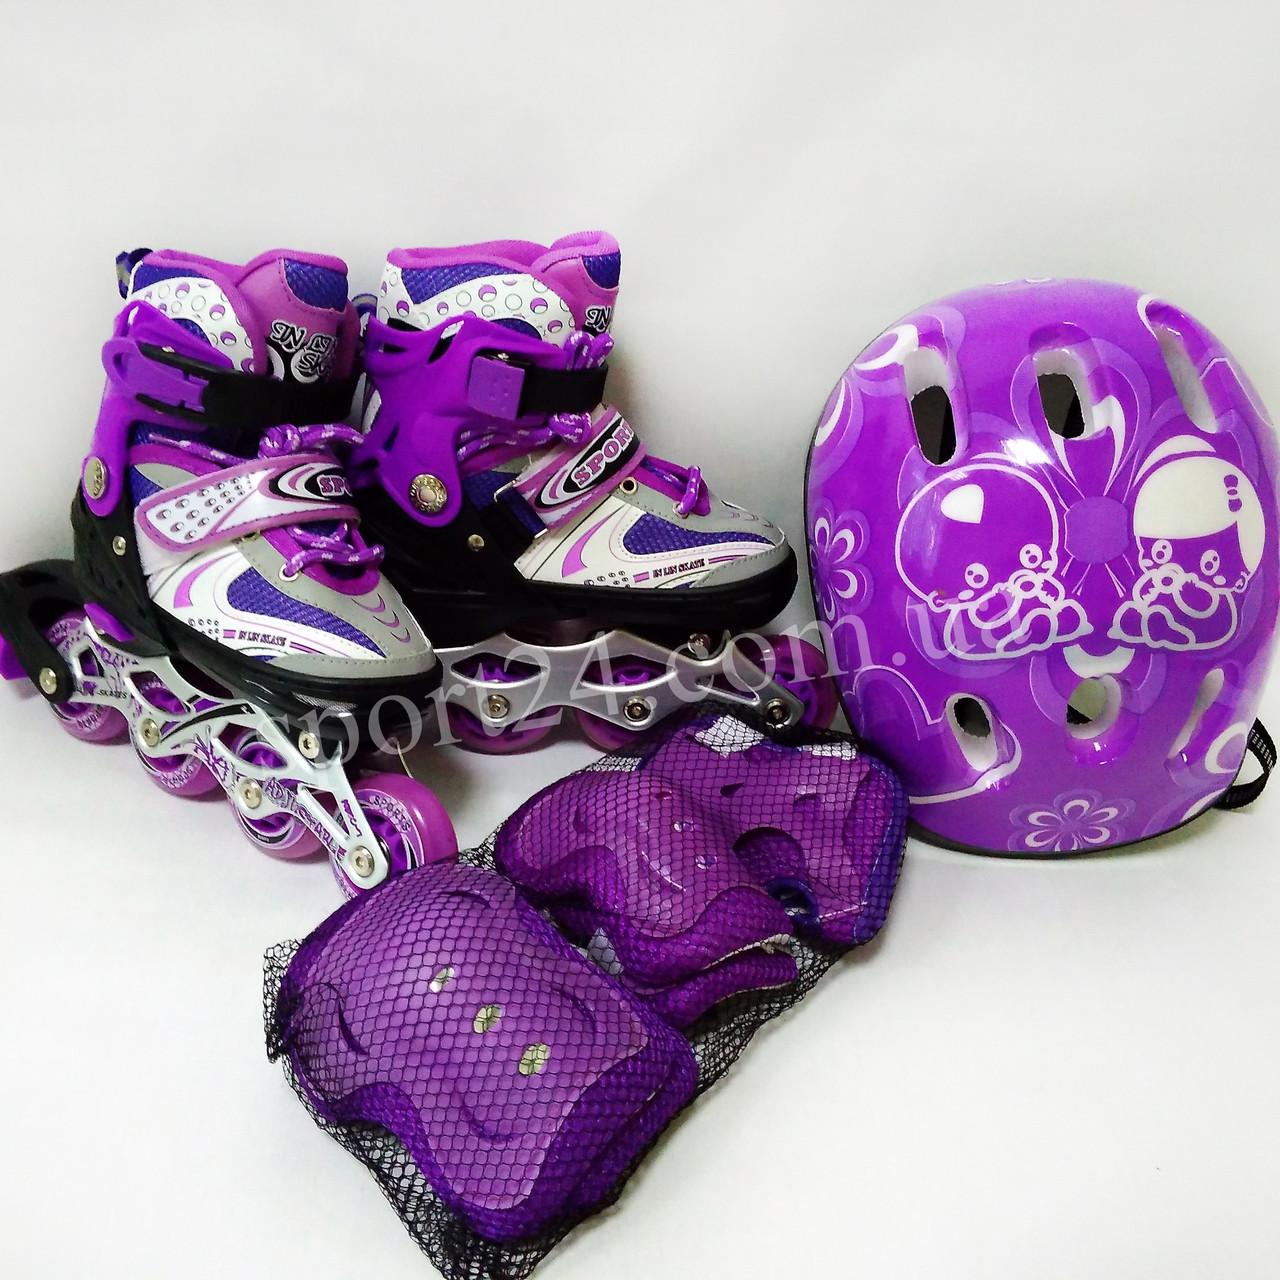 Комплект Inline (Инлайн) (ролики, защита, шлем), фиолетовый, S (28-33)  M (34-38)